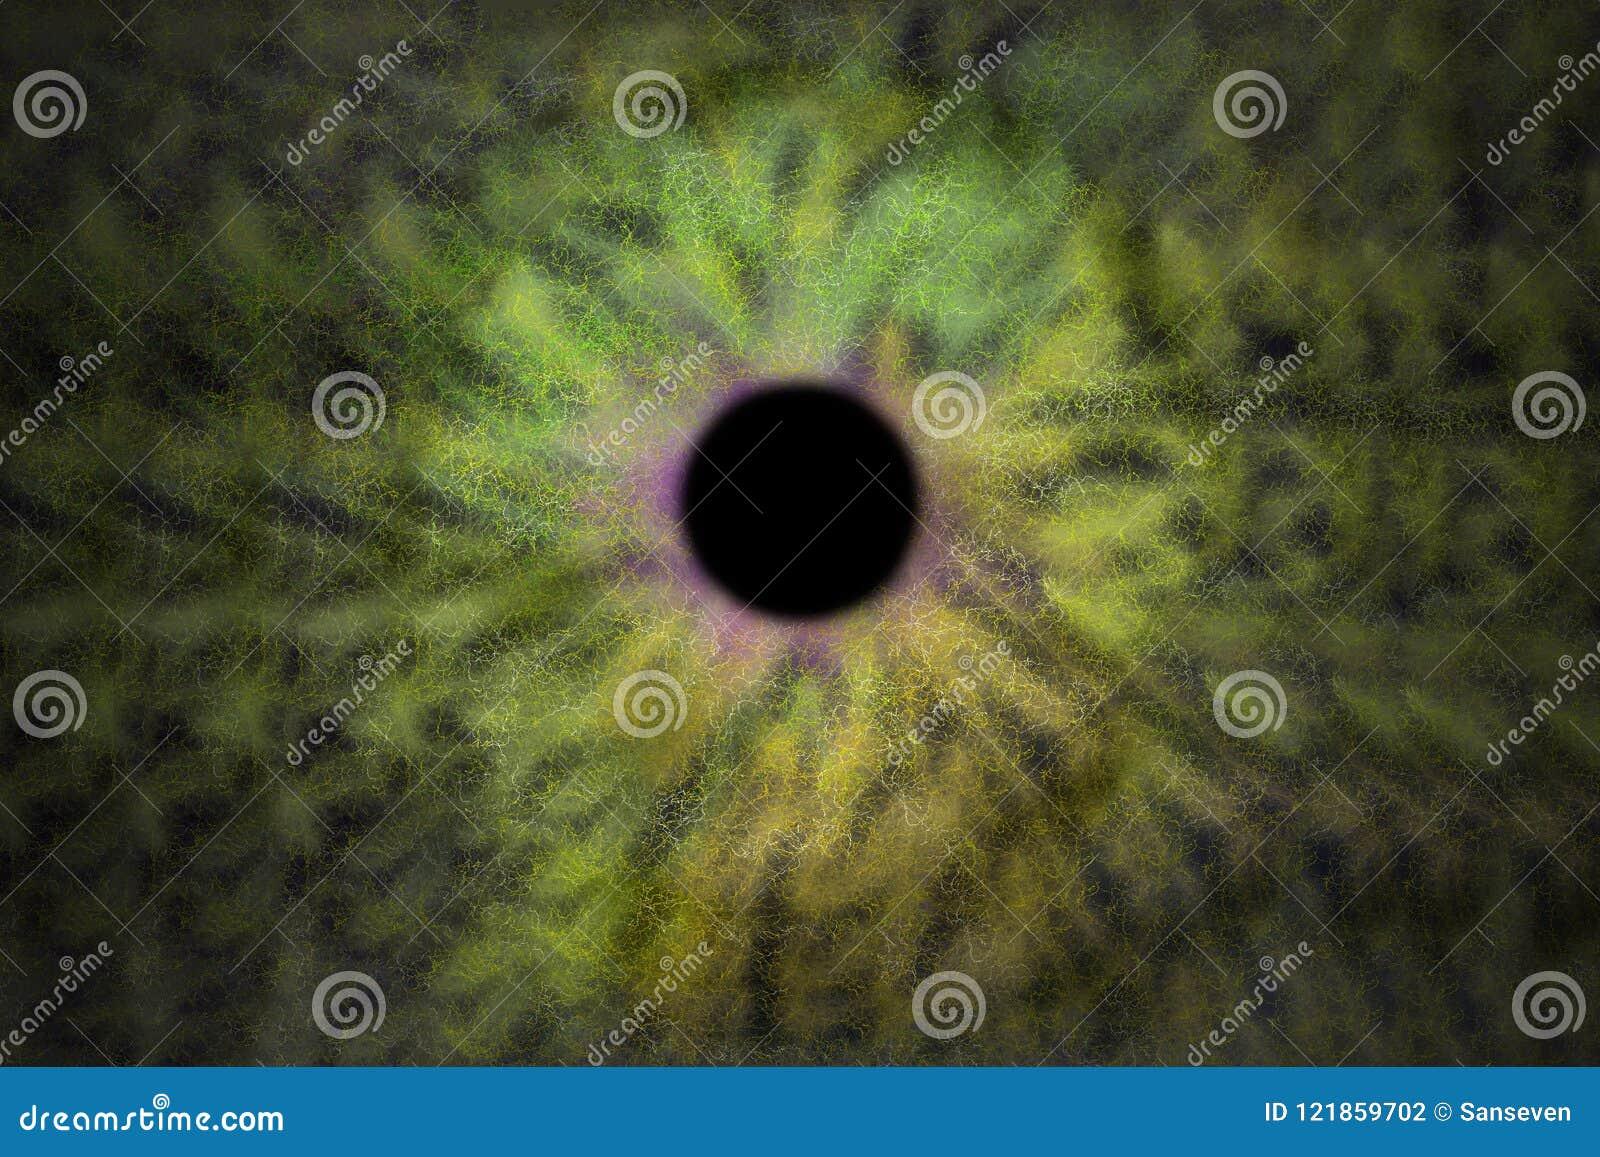 Iris Background - Galaxie-Kosmos-Art, Universum-astronomische Tapete mit Gelbgrün stardust